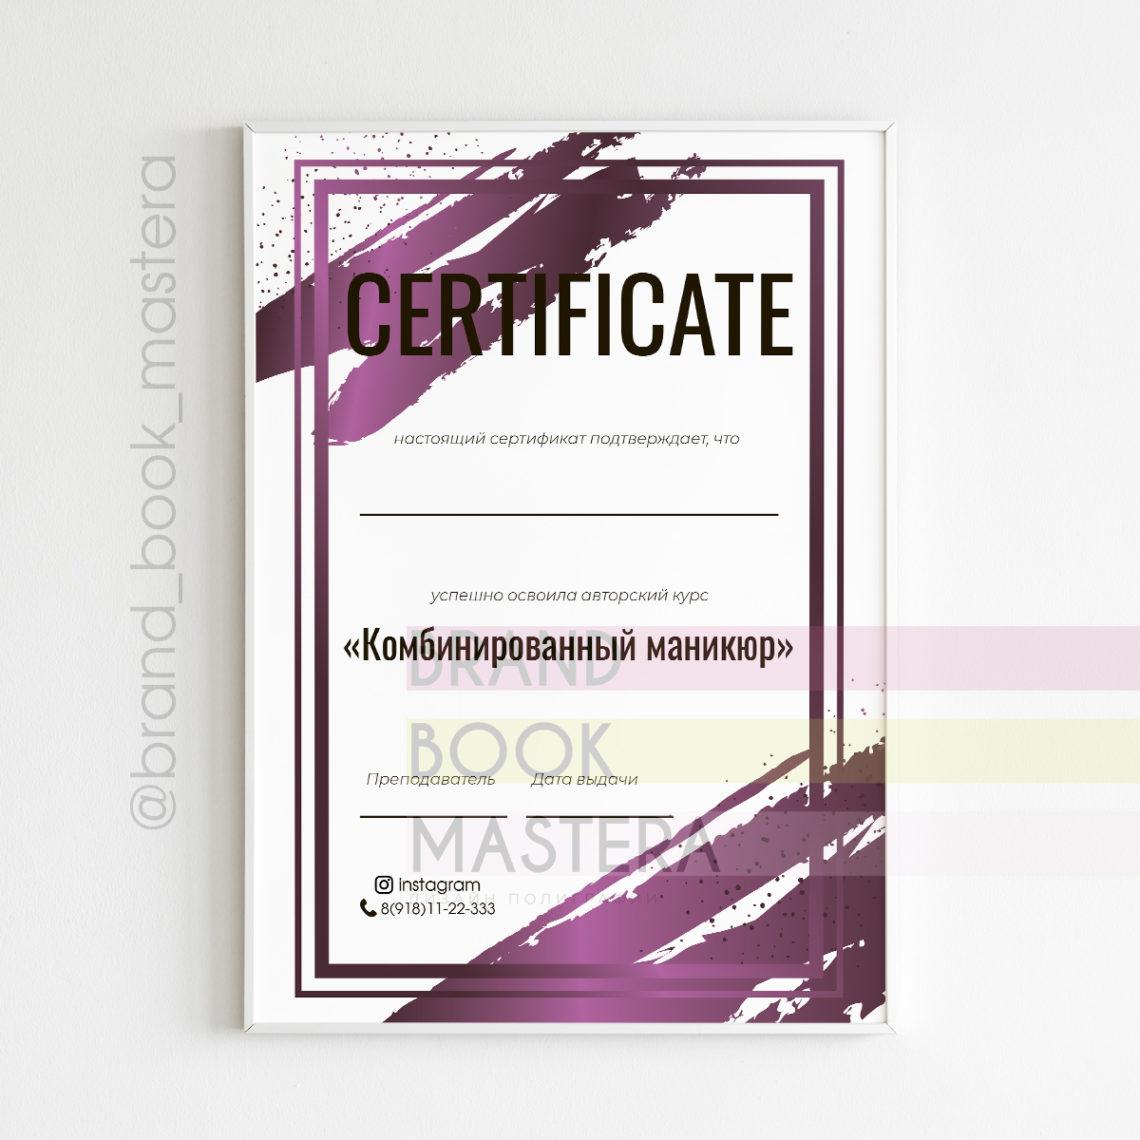 сертификат об обучении маникюр